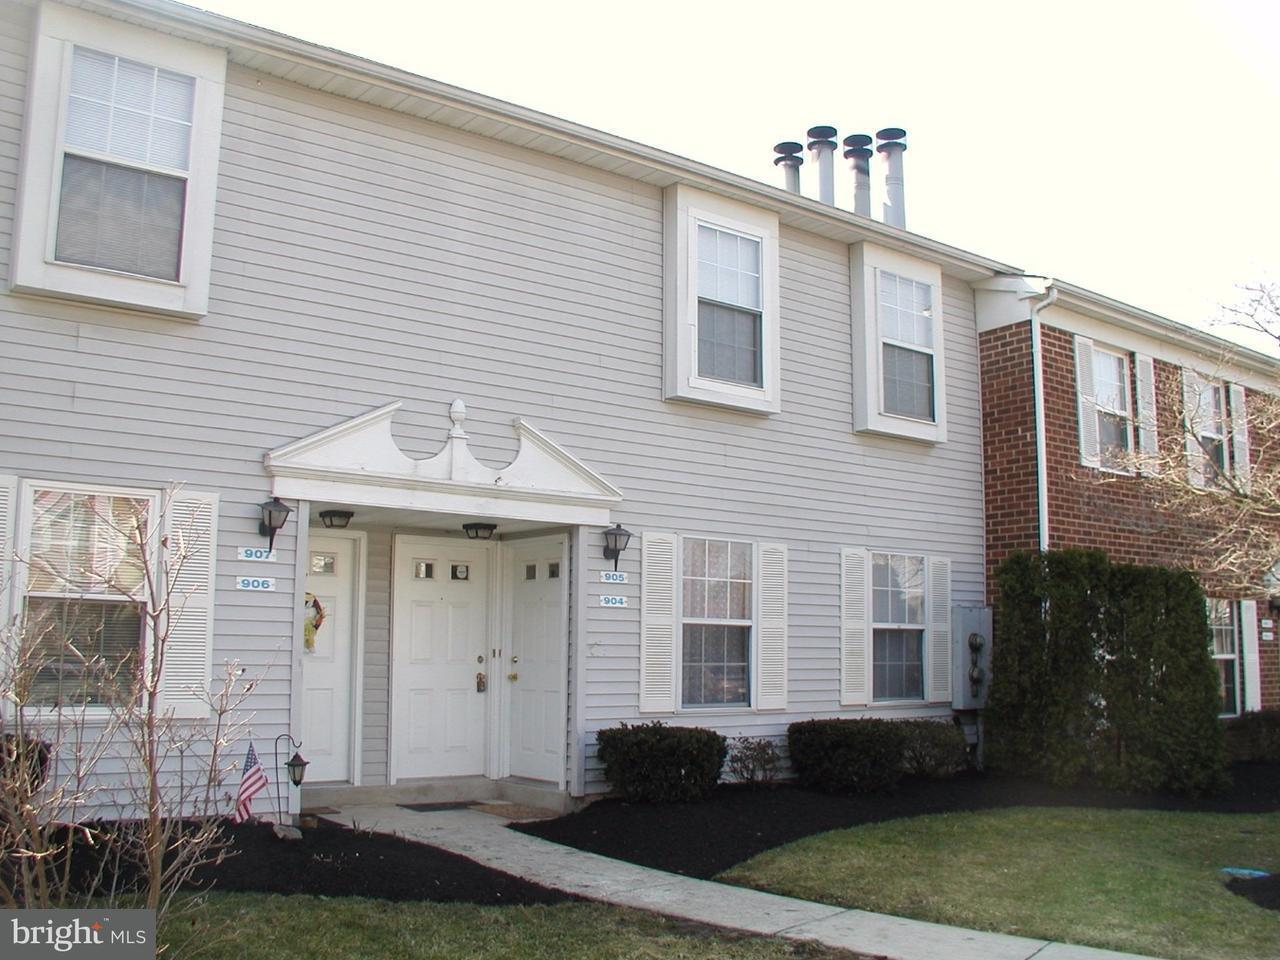 Частный односемейный дом для того Аренда на 905 HUNTINGDON MEWS Clementon, Нью-Джерси 08021 Соединенные Штаты